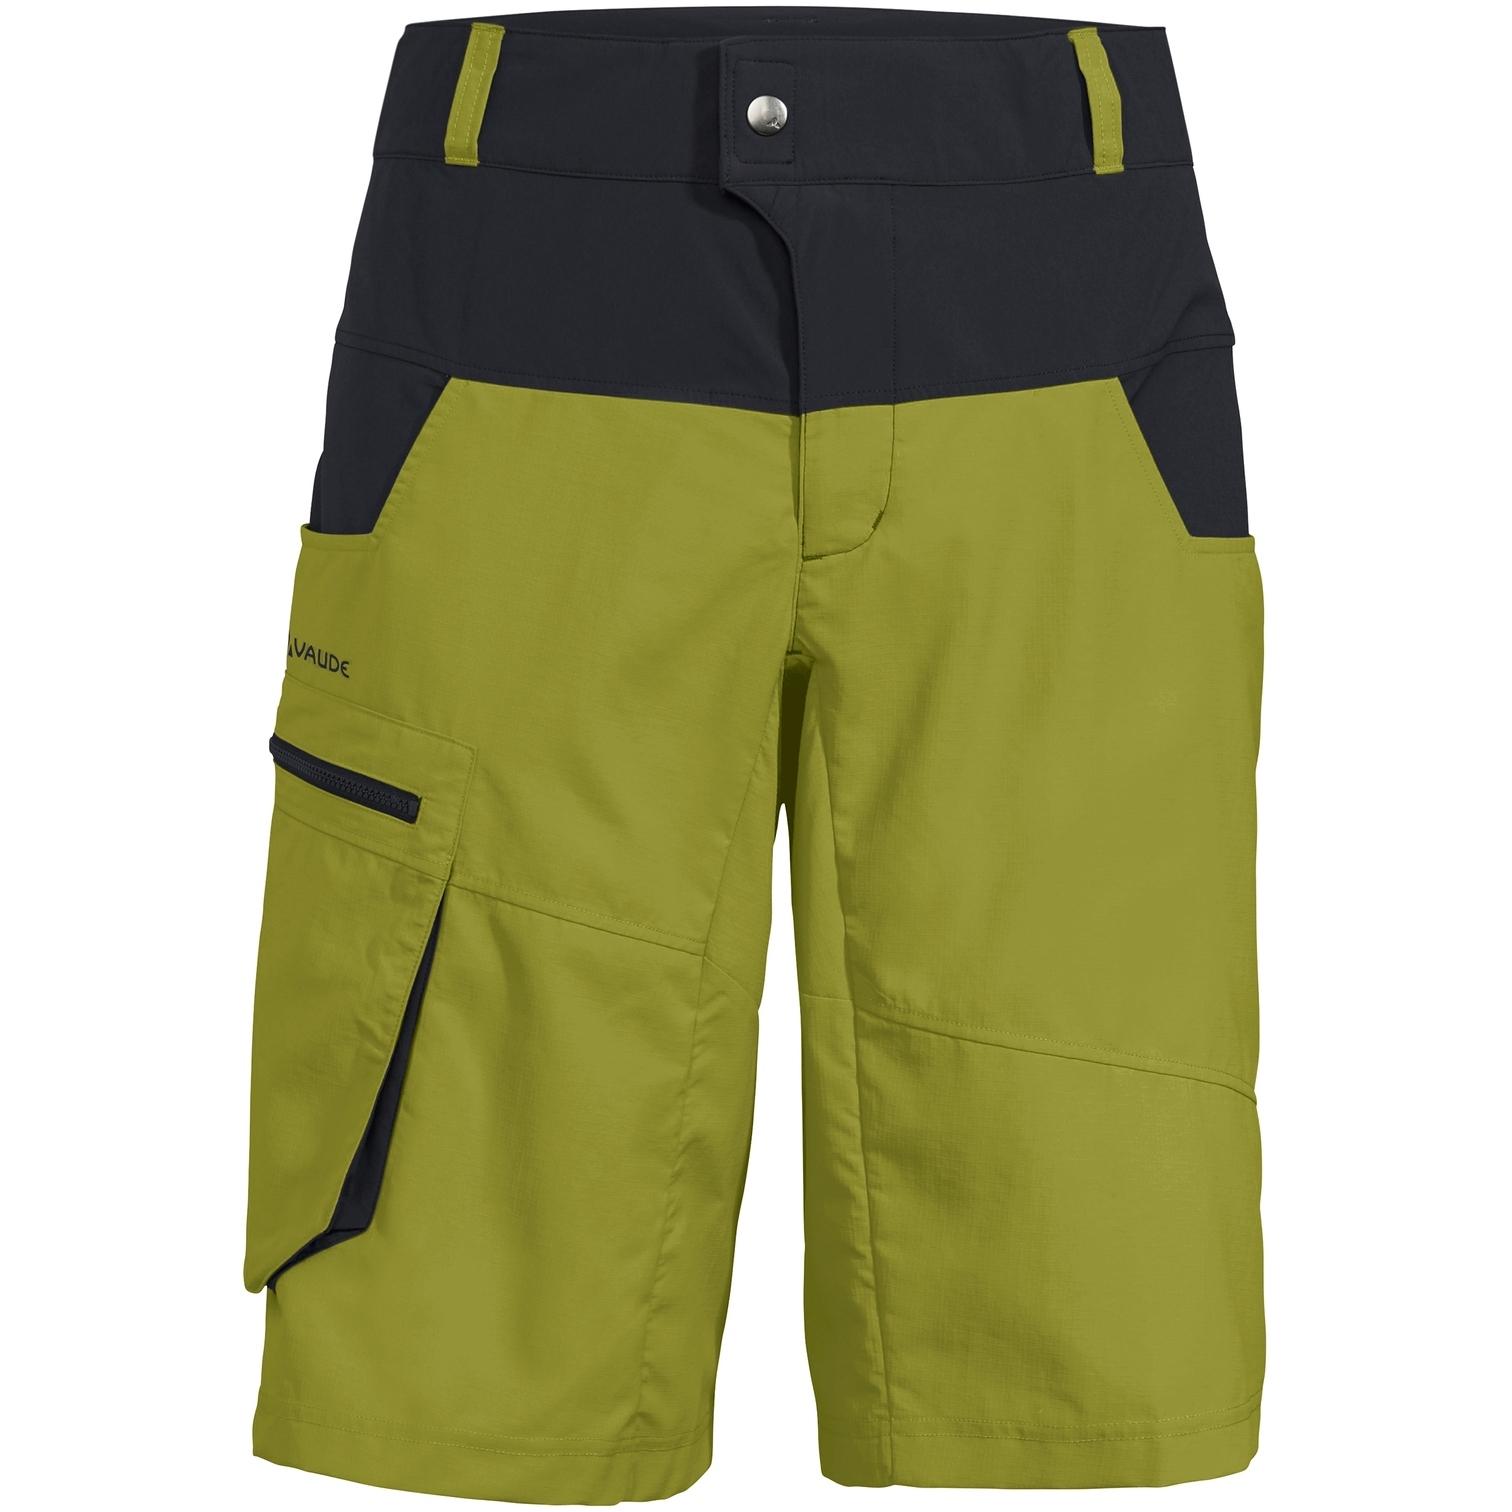 Vaude Qimsa Shorts - avocado